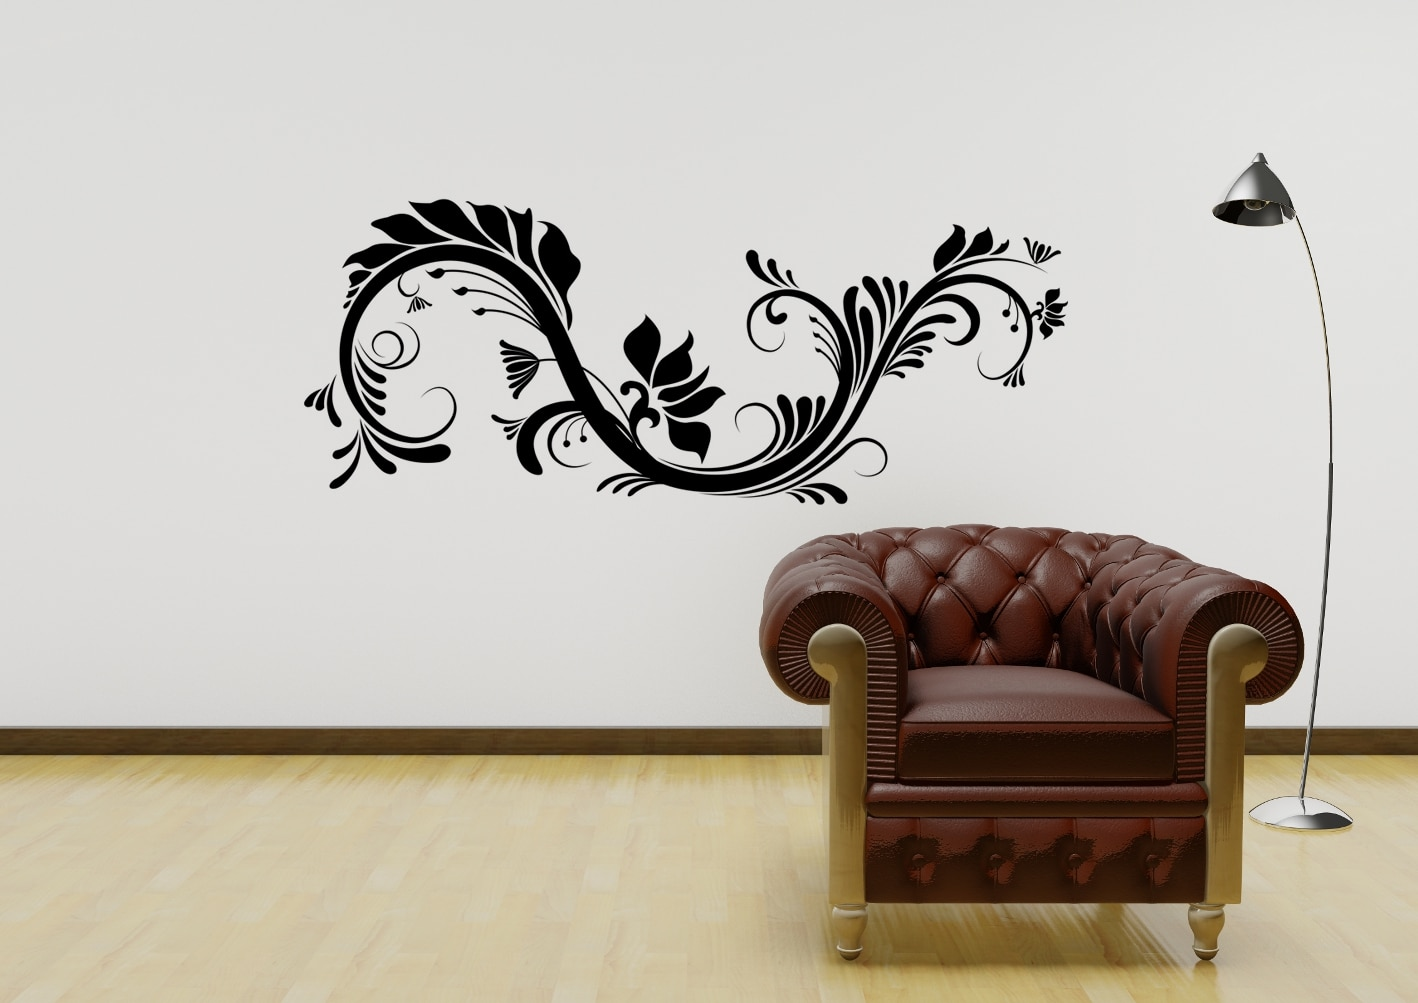 New Wall Art Design